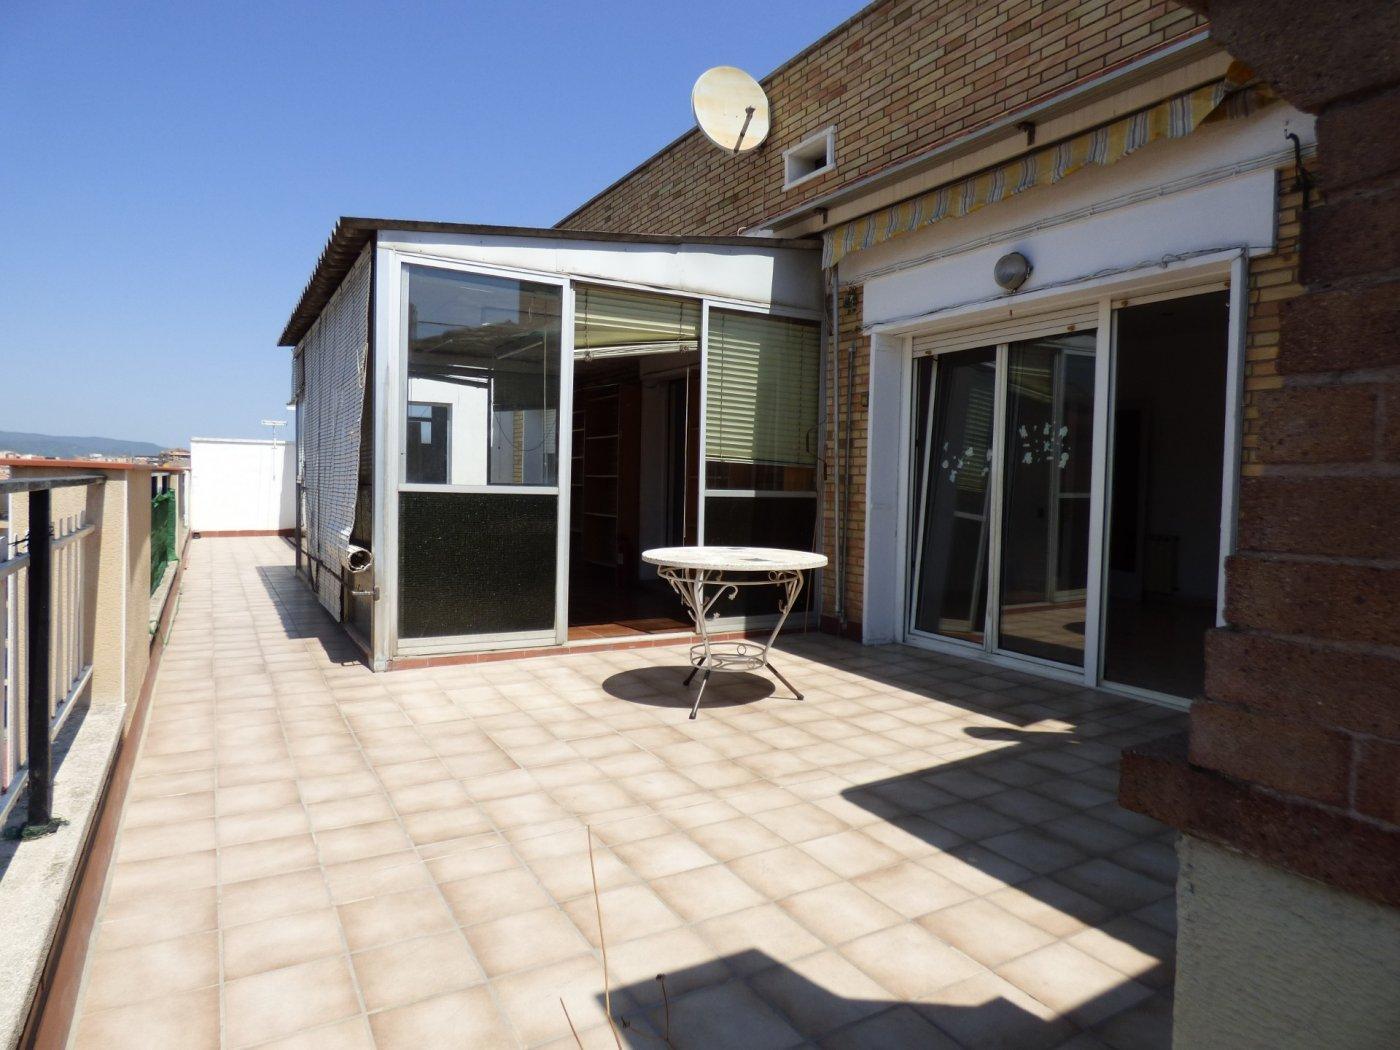 Ático semireformado con terraza y trastero, de 4 habitaciones  en venta en manresa